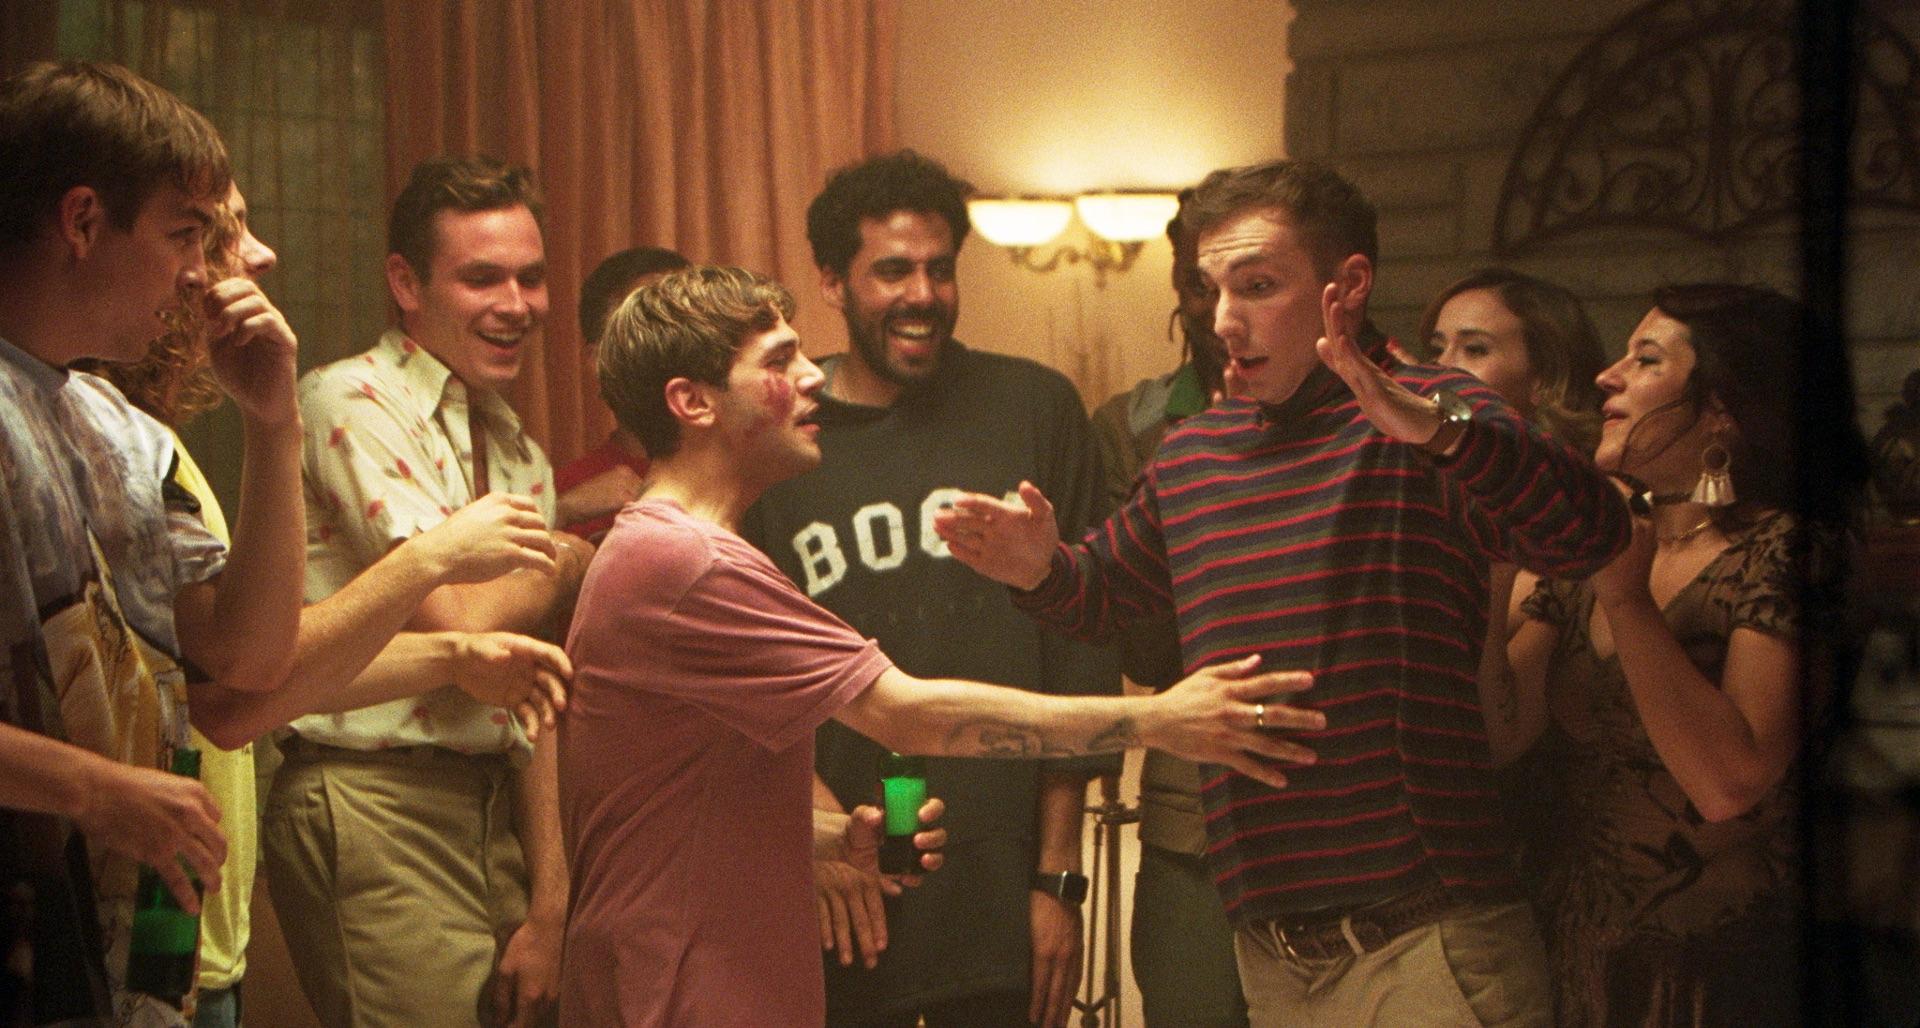 Maxime (Xavier Dolan) ist am feiern und tanzen mit seinen Freunden.